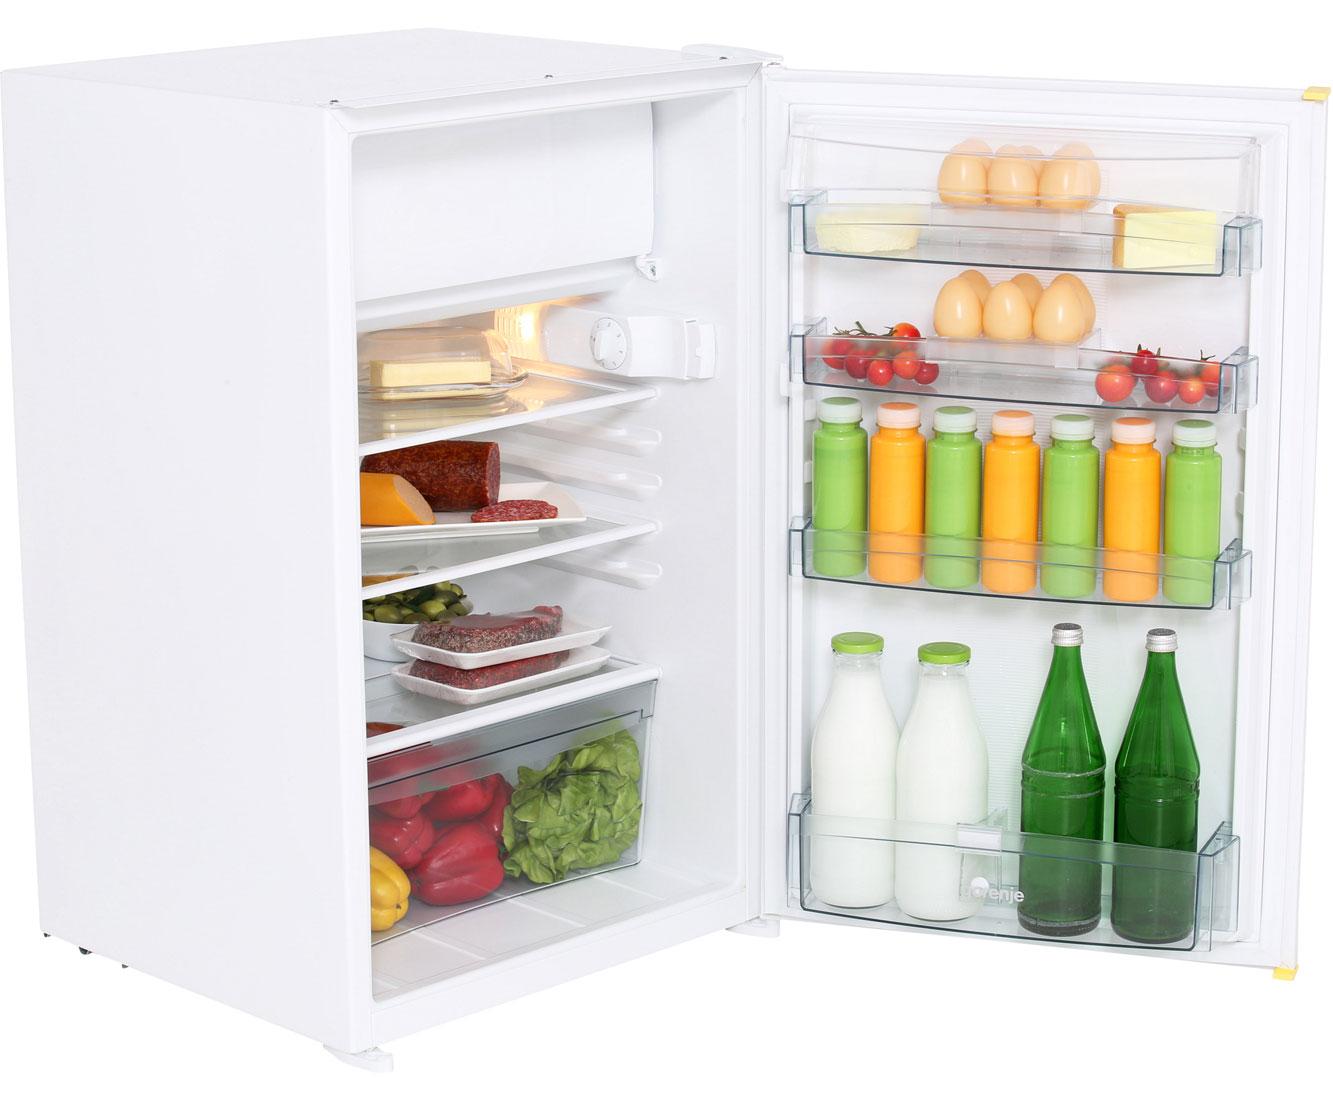 Kleiner Leiser Kühlschrank Mit Gefrierfach : Kühlschrank leise klarstein manhattan mini kühlschrank minibar